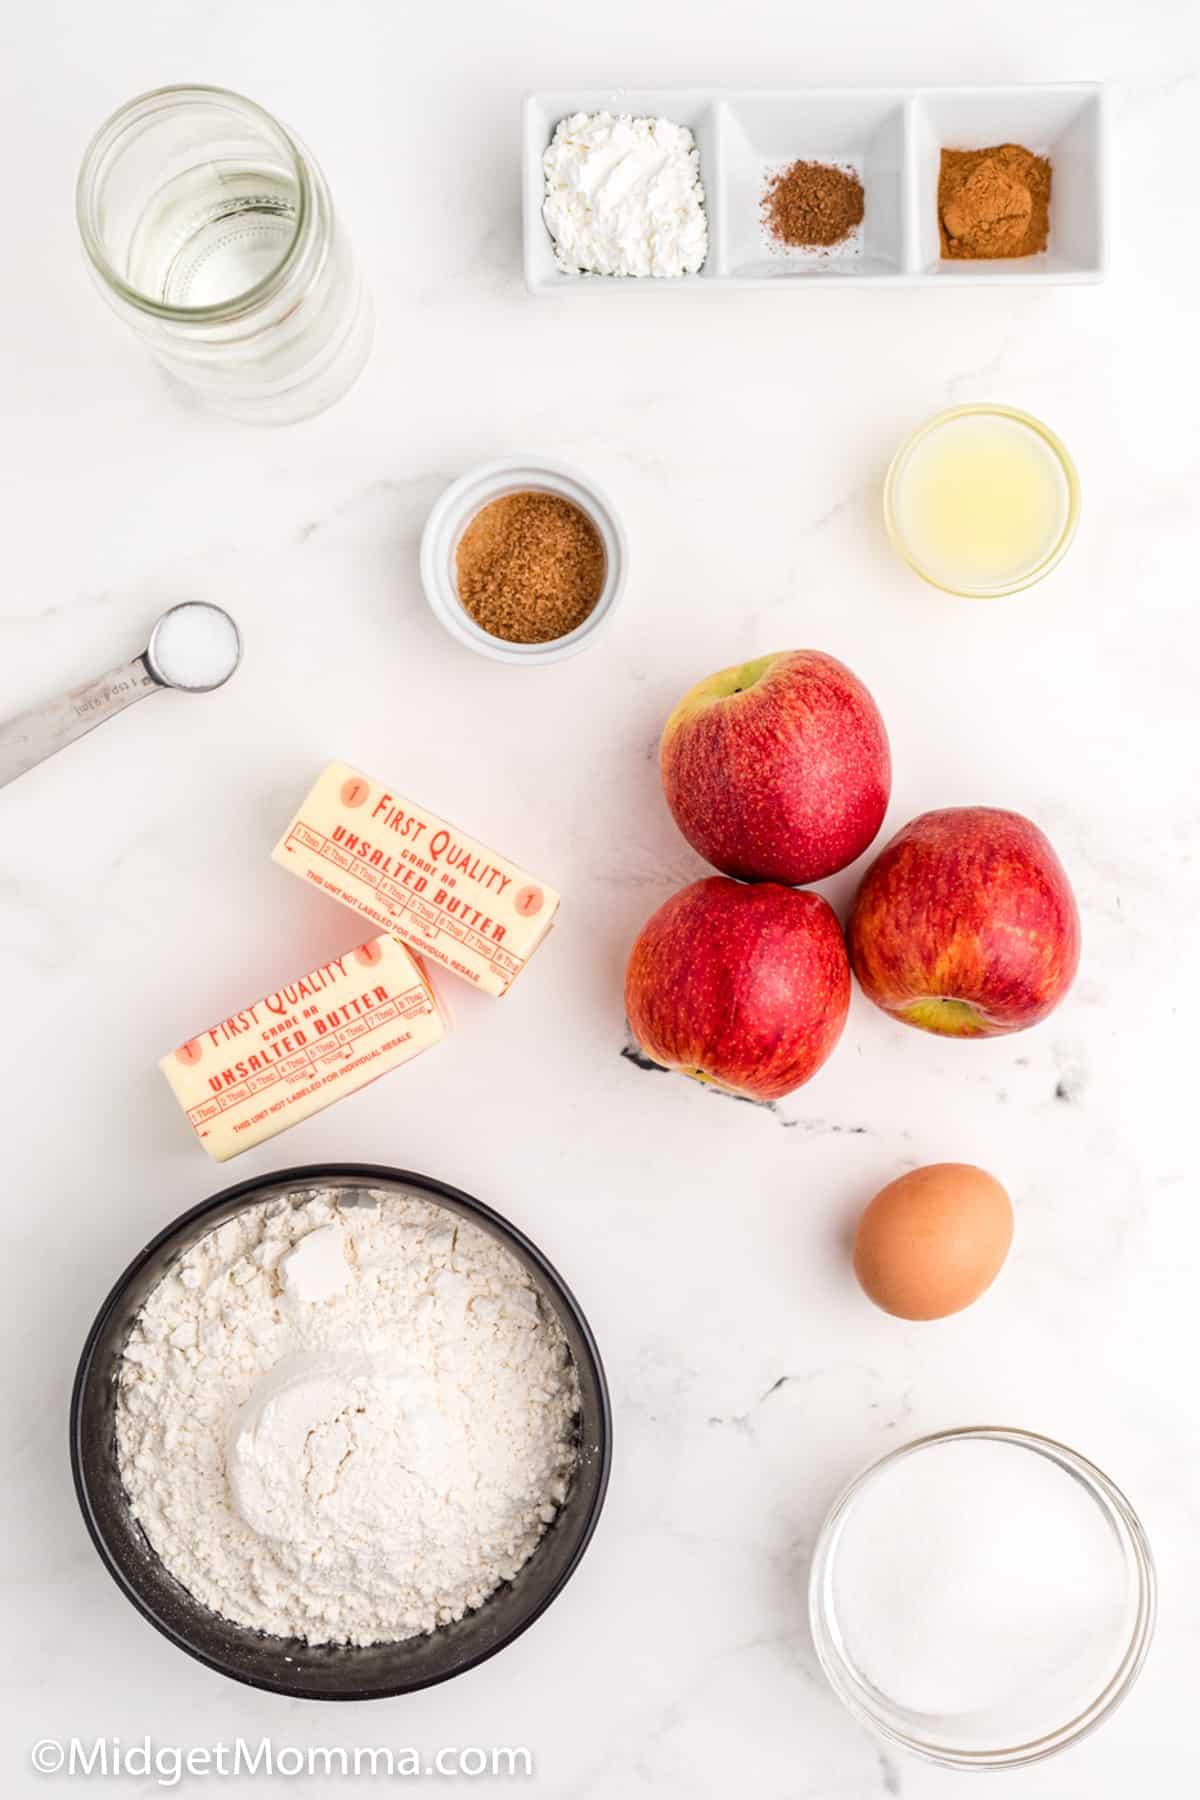 Lattice Cinnamon Apple Pie Recipe ingredients